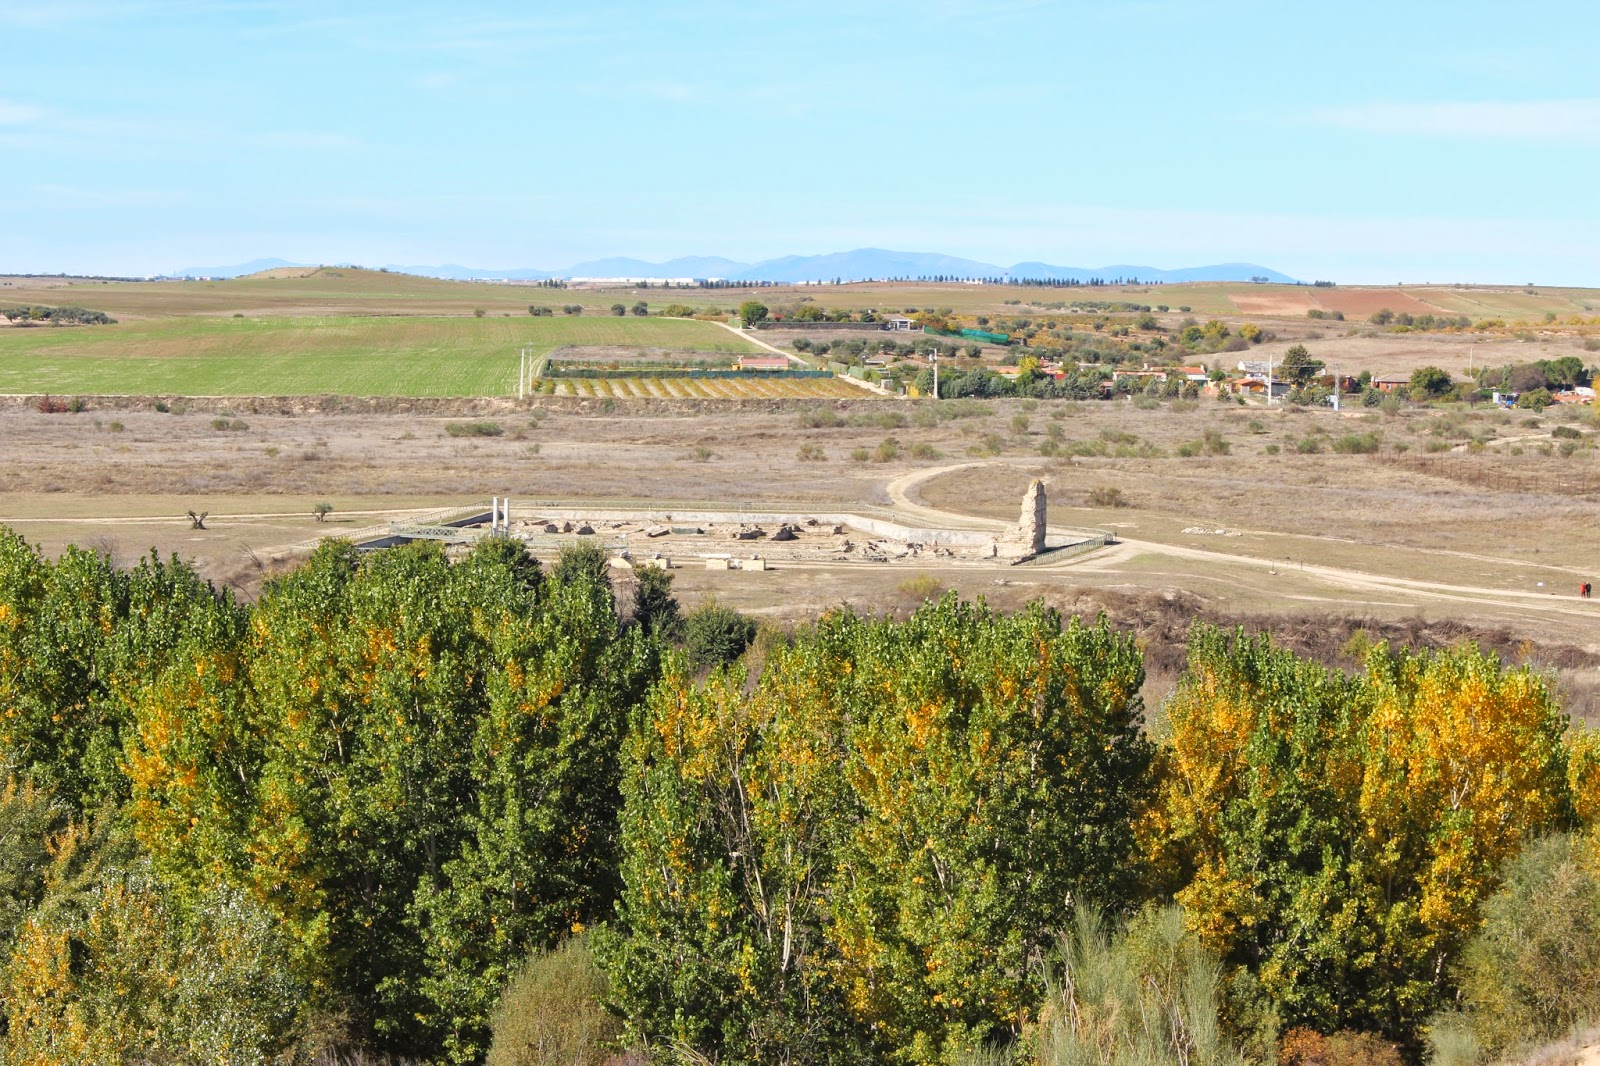 yacimiento romano de Carranque